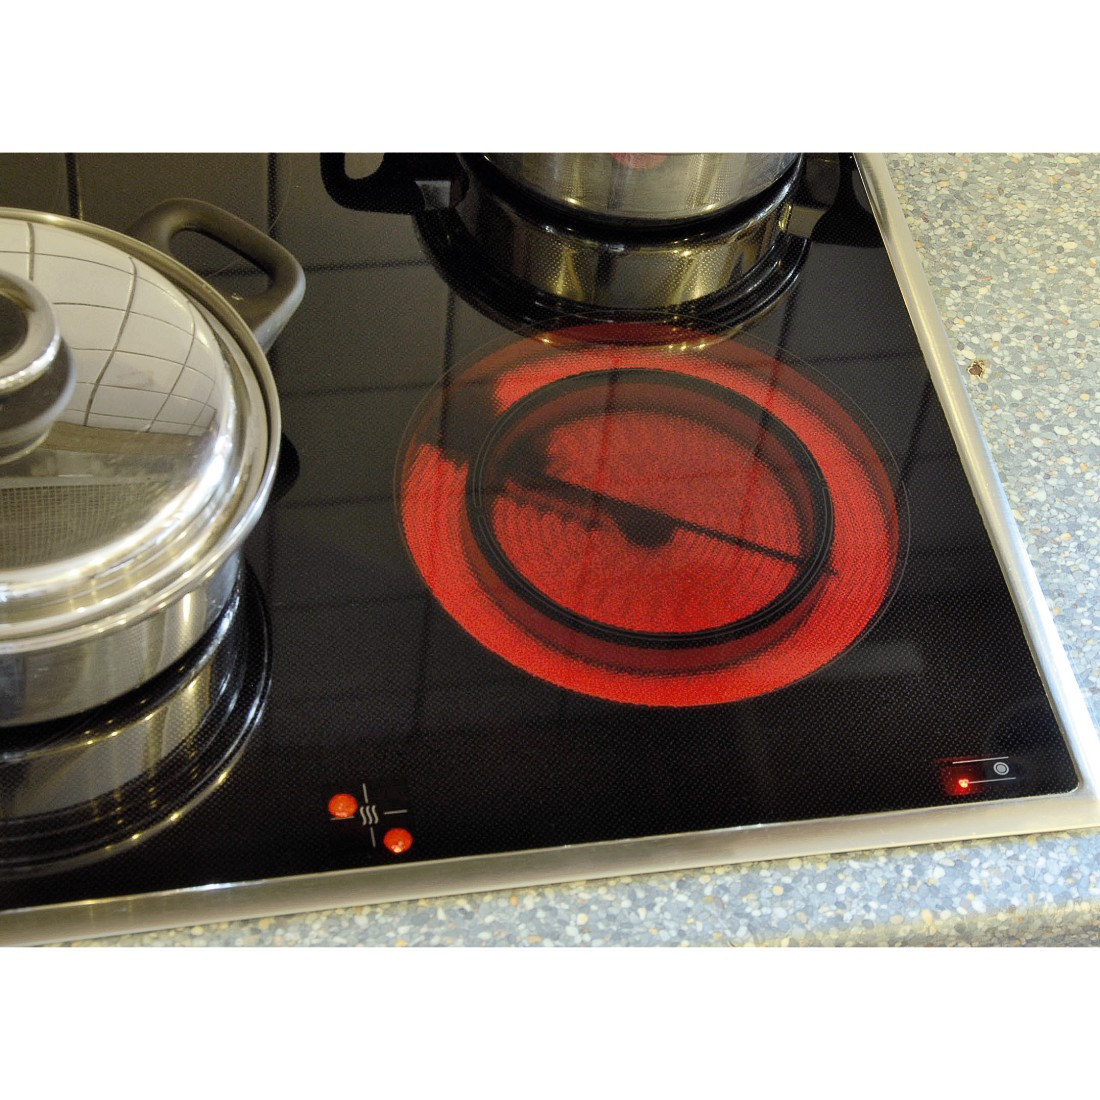 00110702 xavax racloir verre pour plaques de cuisson vitroc ramiques. Black Bedroom Furniture Sets. Home Design Ideas